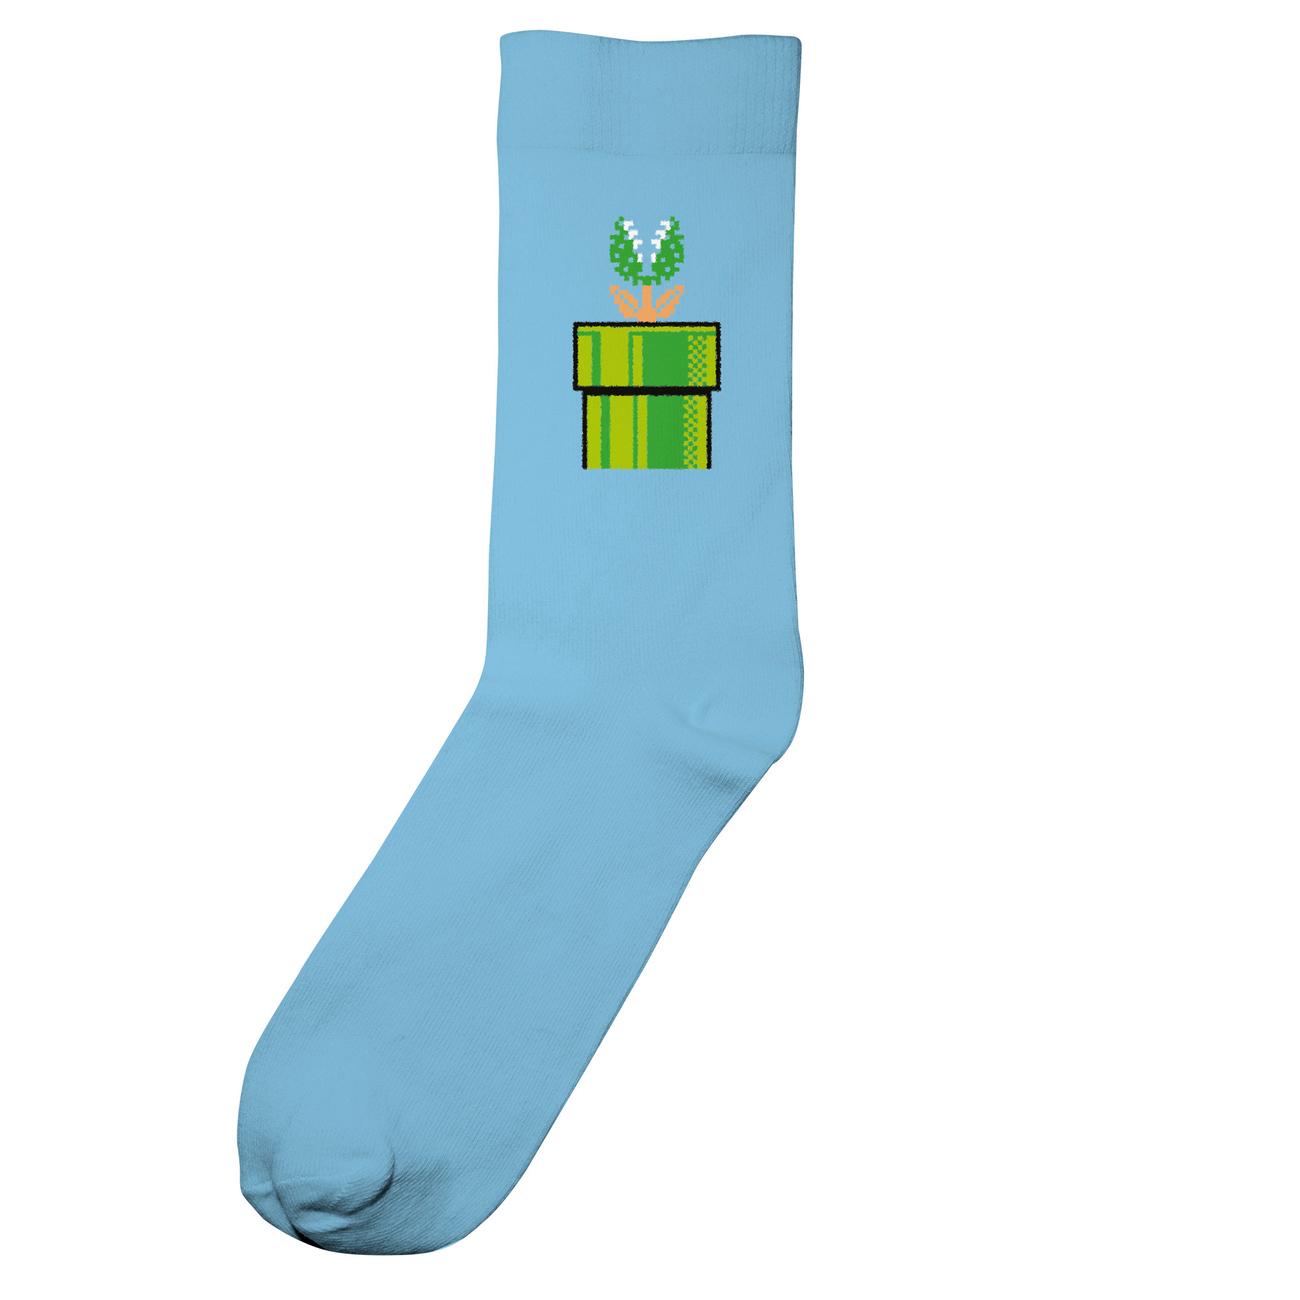 Socks Sigtuna Green Tube